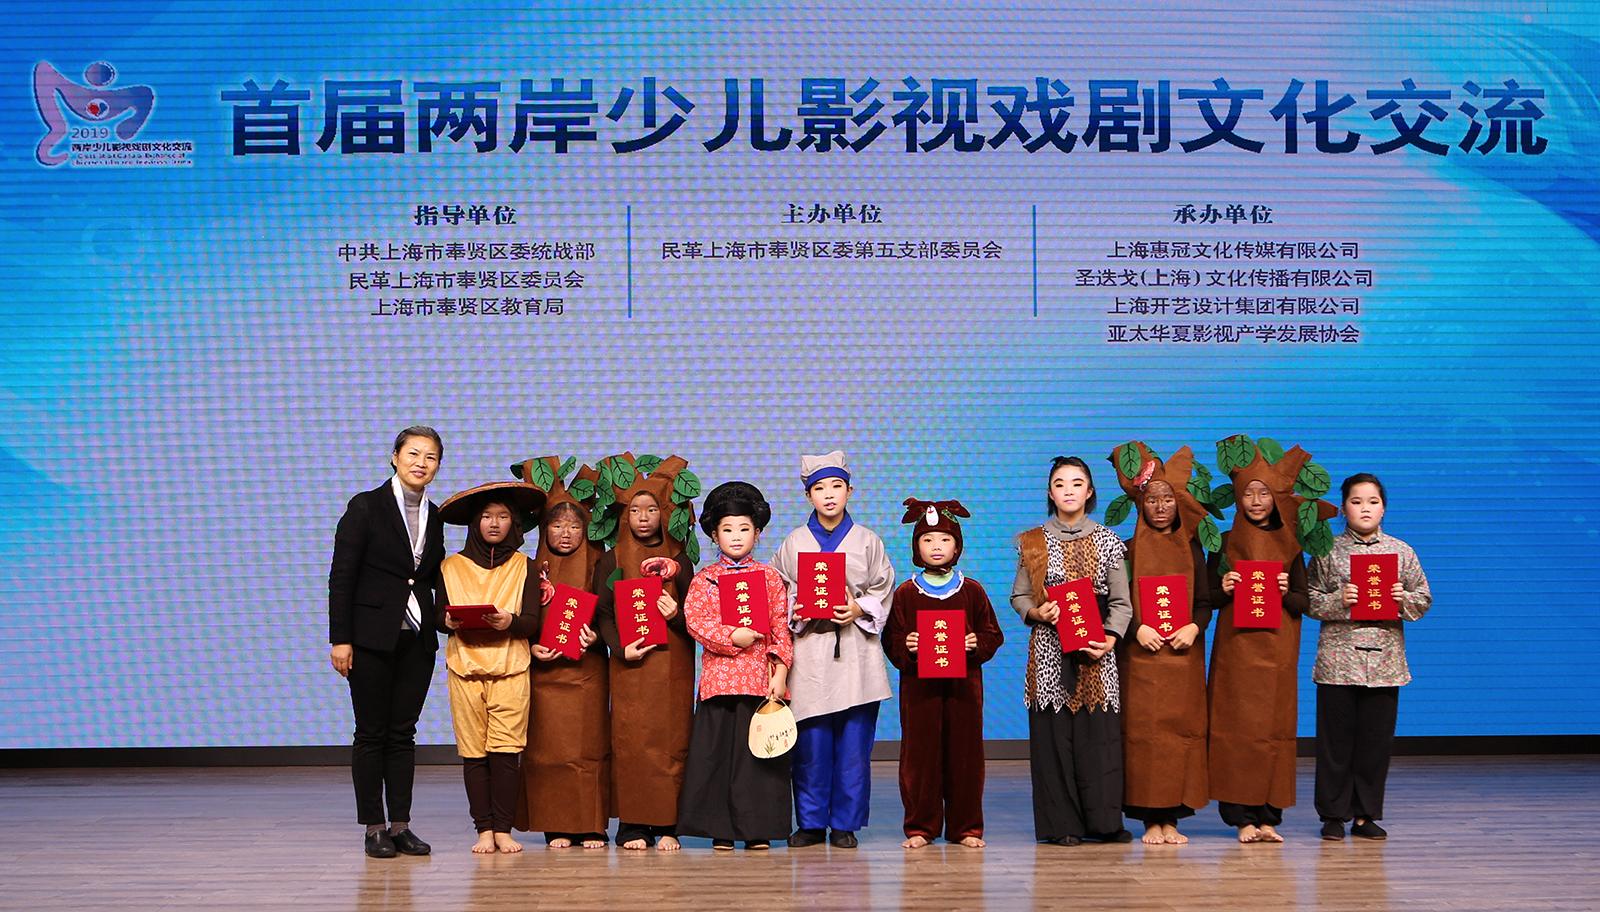 中共上海奉贤区委常委包蓓英为获奖小朋友颁奖。